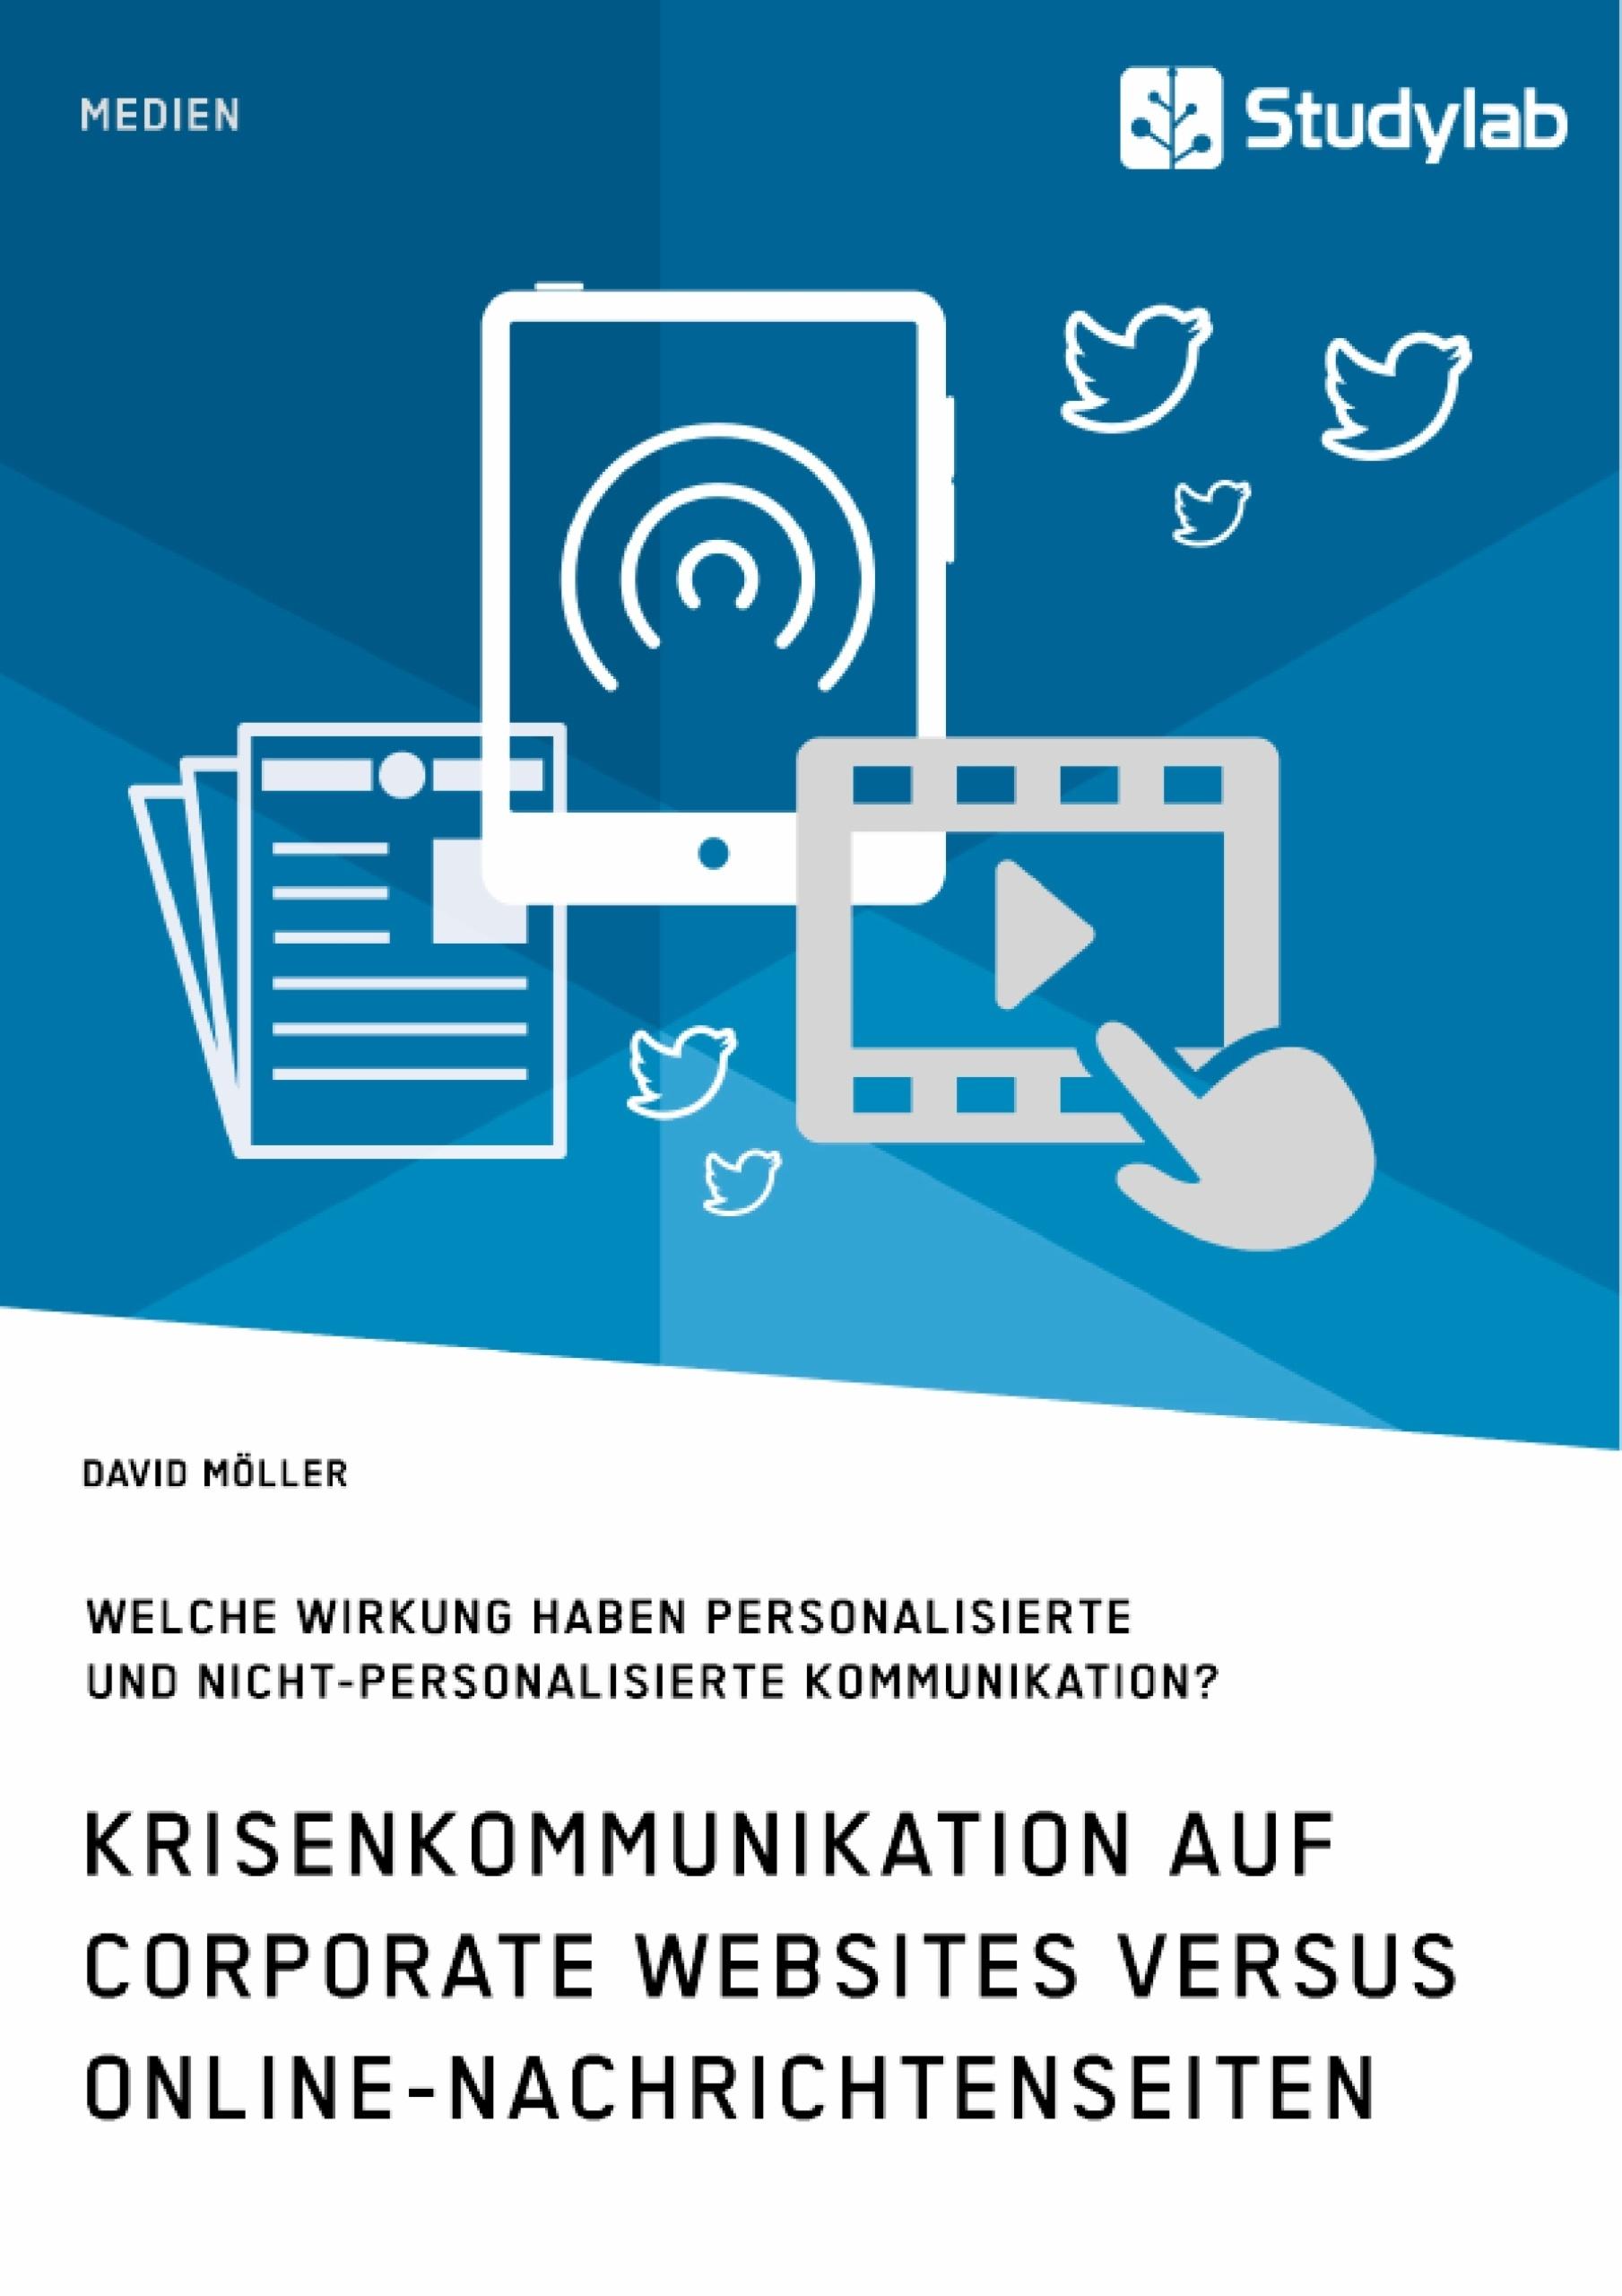 Titel: Krisenkommunikation auf Corporate Websites versus Online-Nachrichtenseiten. Welche Wirkung haben personalisierte und nicht-personalisierte Kommunikation?